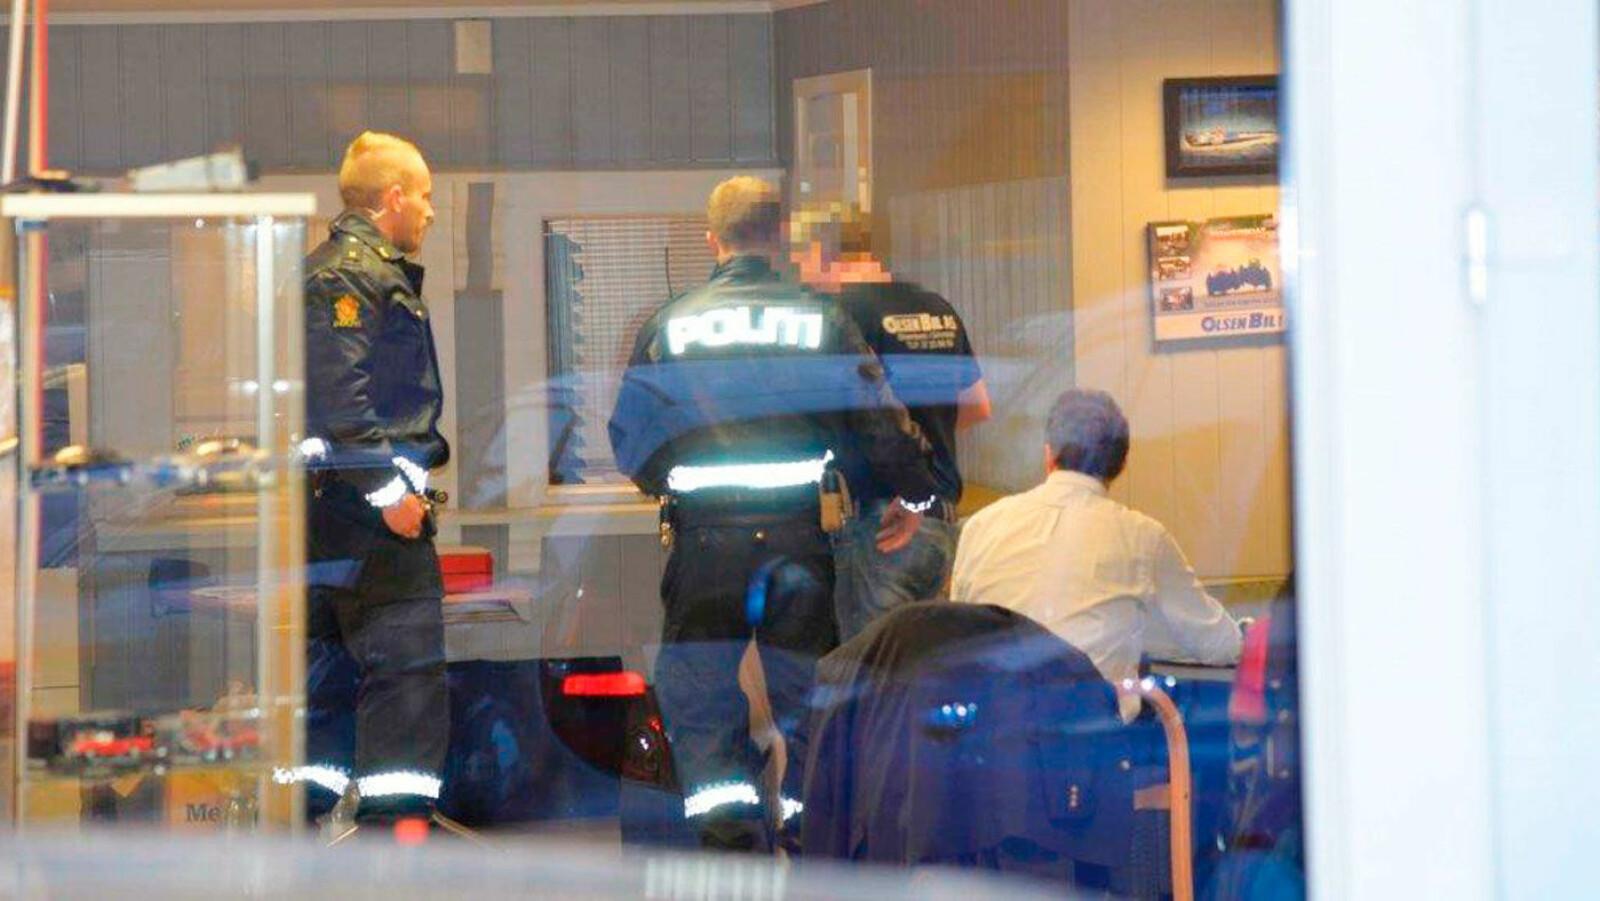 PÅGREPET: Mens han satt i møte med bobestyrer Kai Knudsen ble Geir Egil Olsen arrestert av politiet.